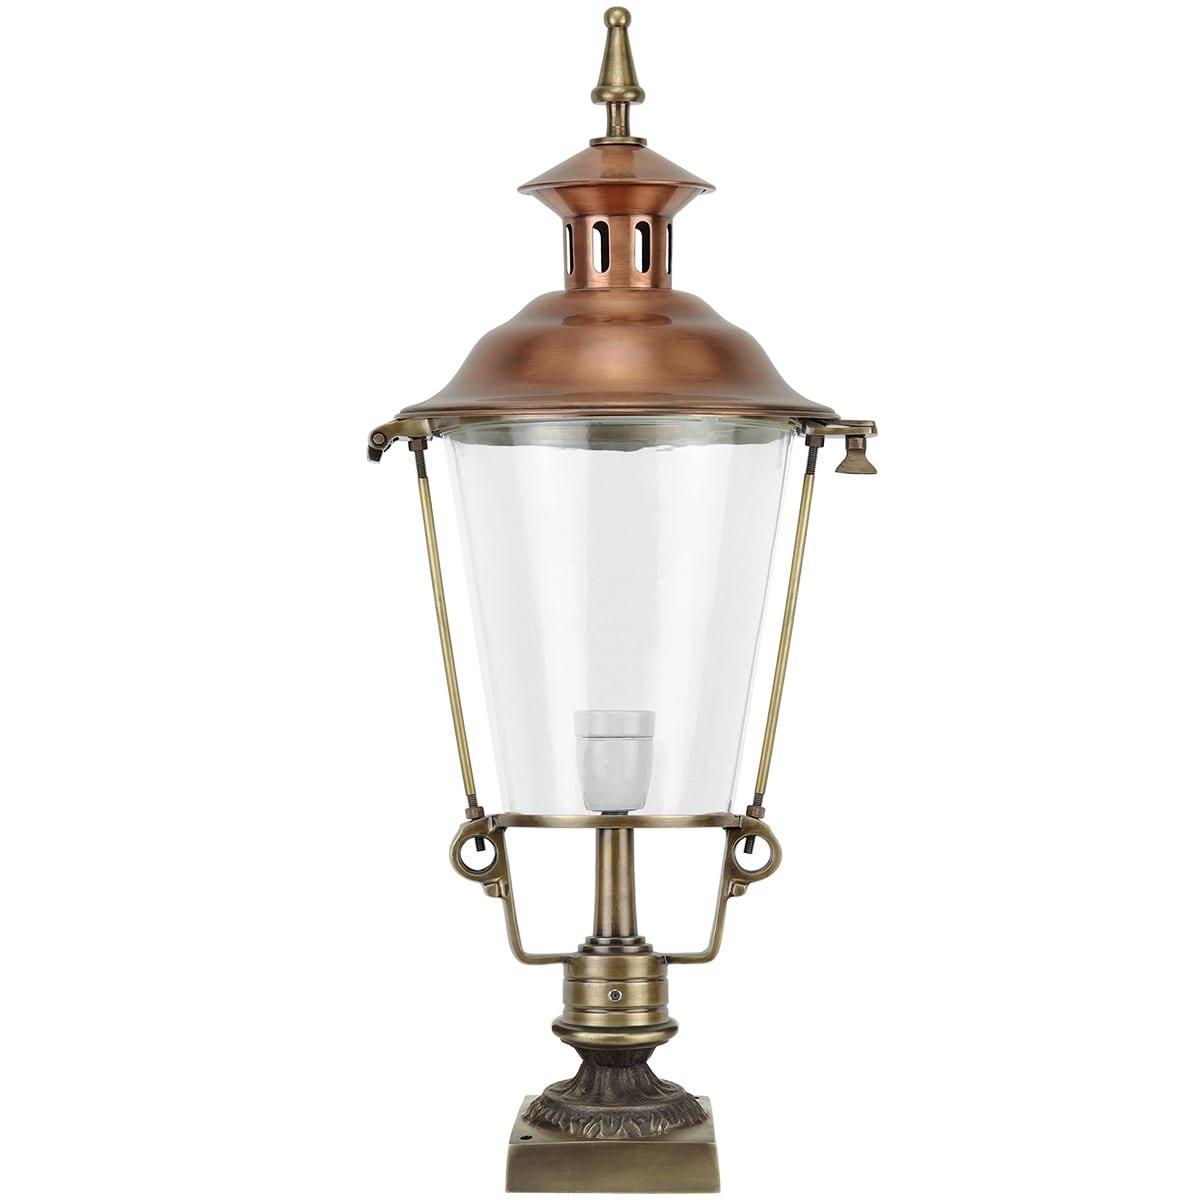 Buitenverlichting Klassiek Landelijk Tuinlamp staand Dongeradeel brons - 70 cm